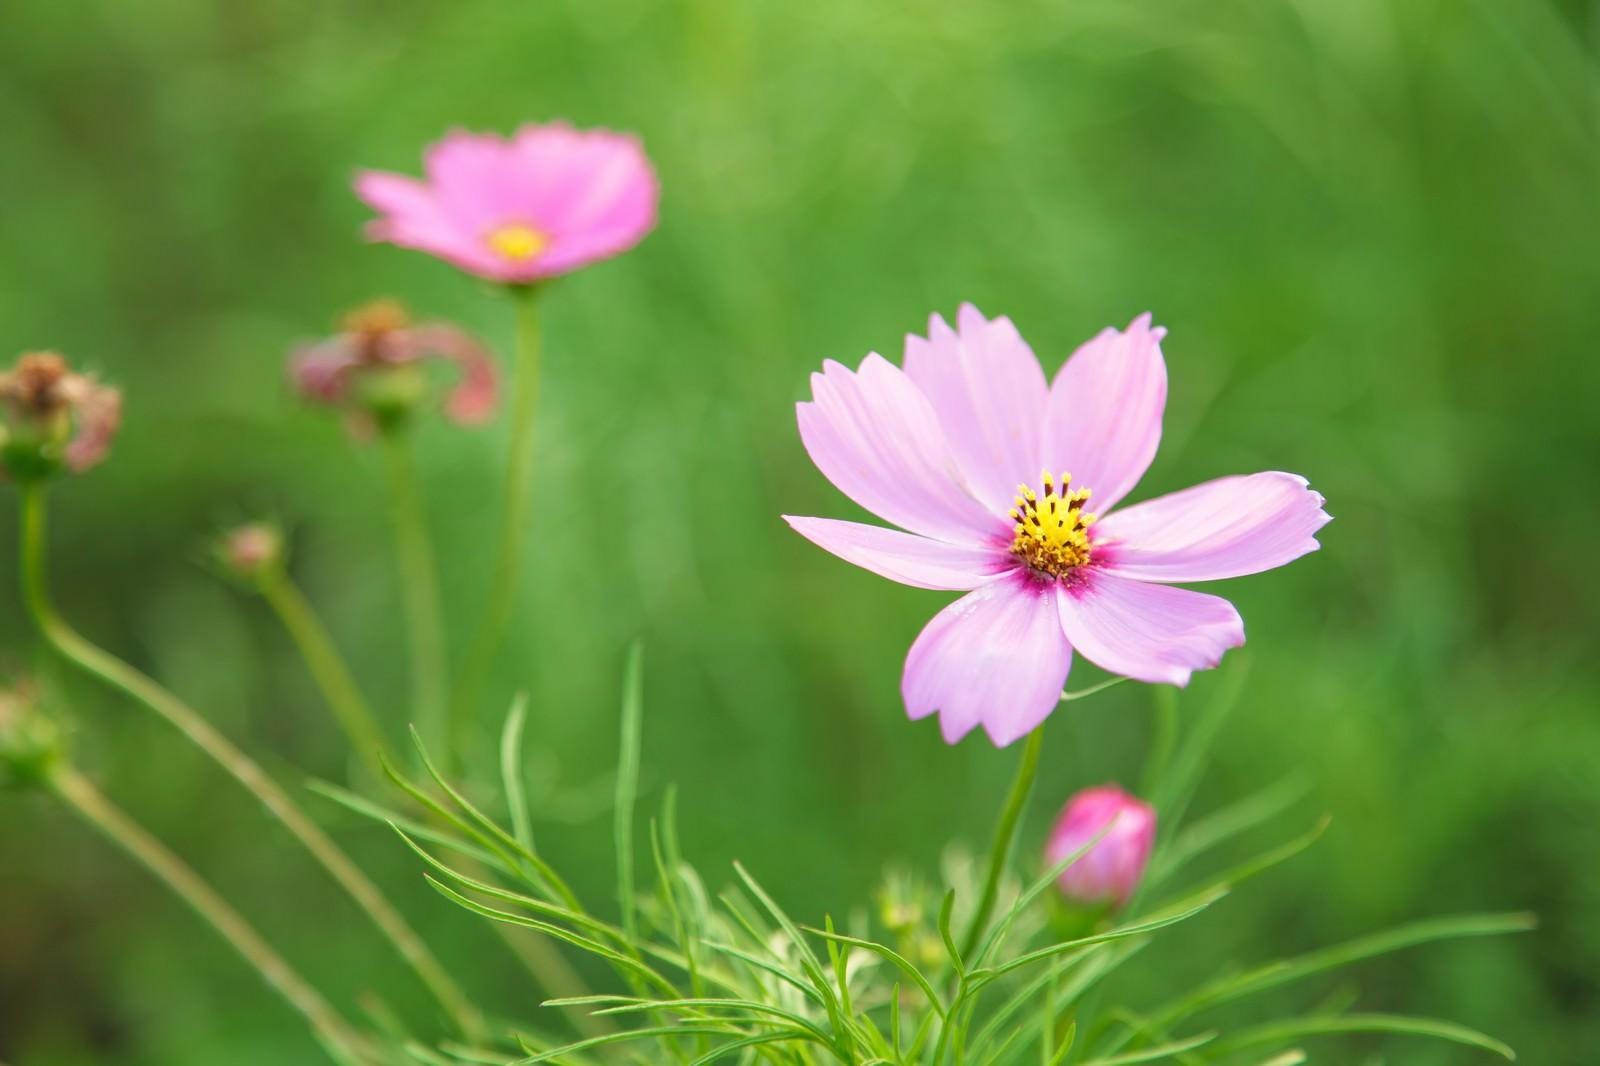 「ピンク色のコスモス」の写真